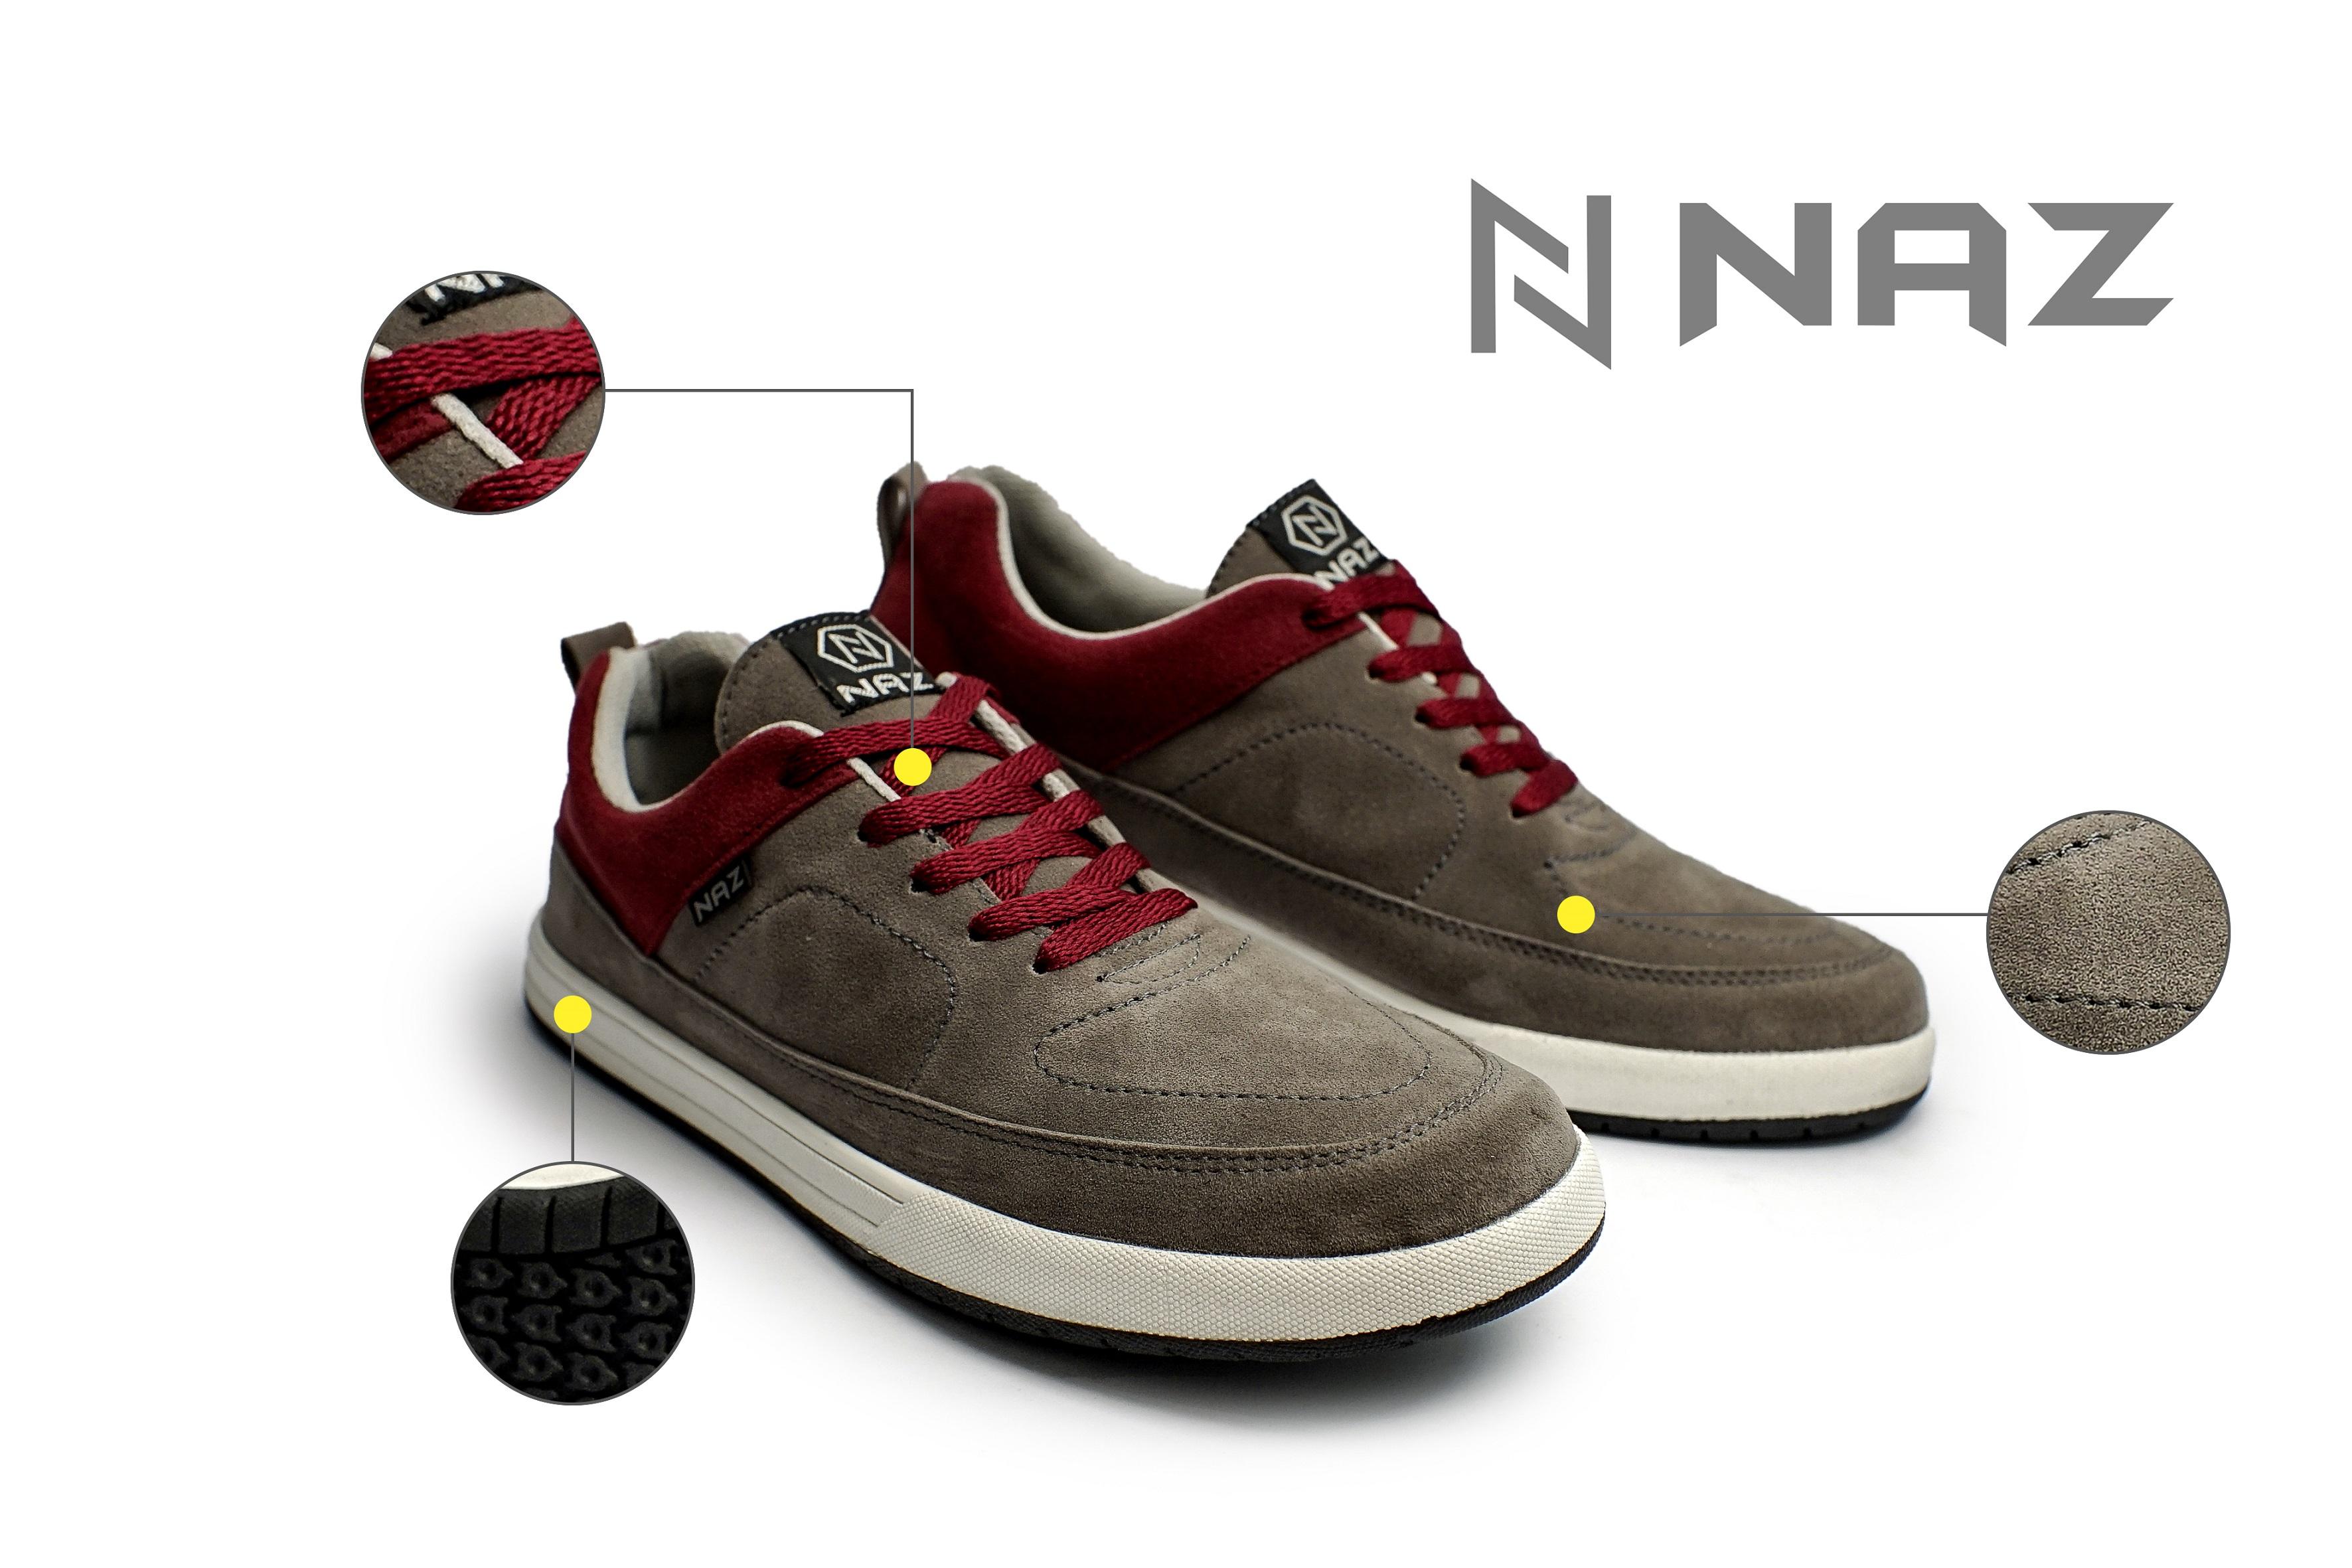 Sapatu Naz Shoes Sepatu 2020 Sepatu Lokal Brand Naz Snd 378 Asli